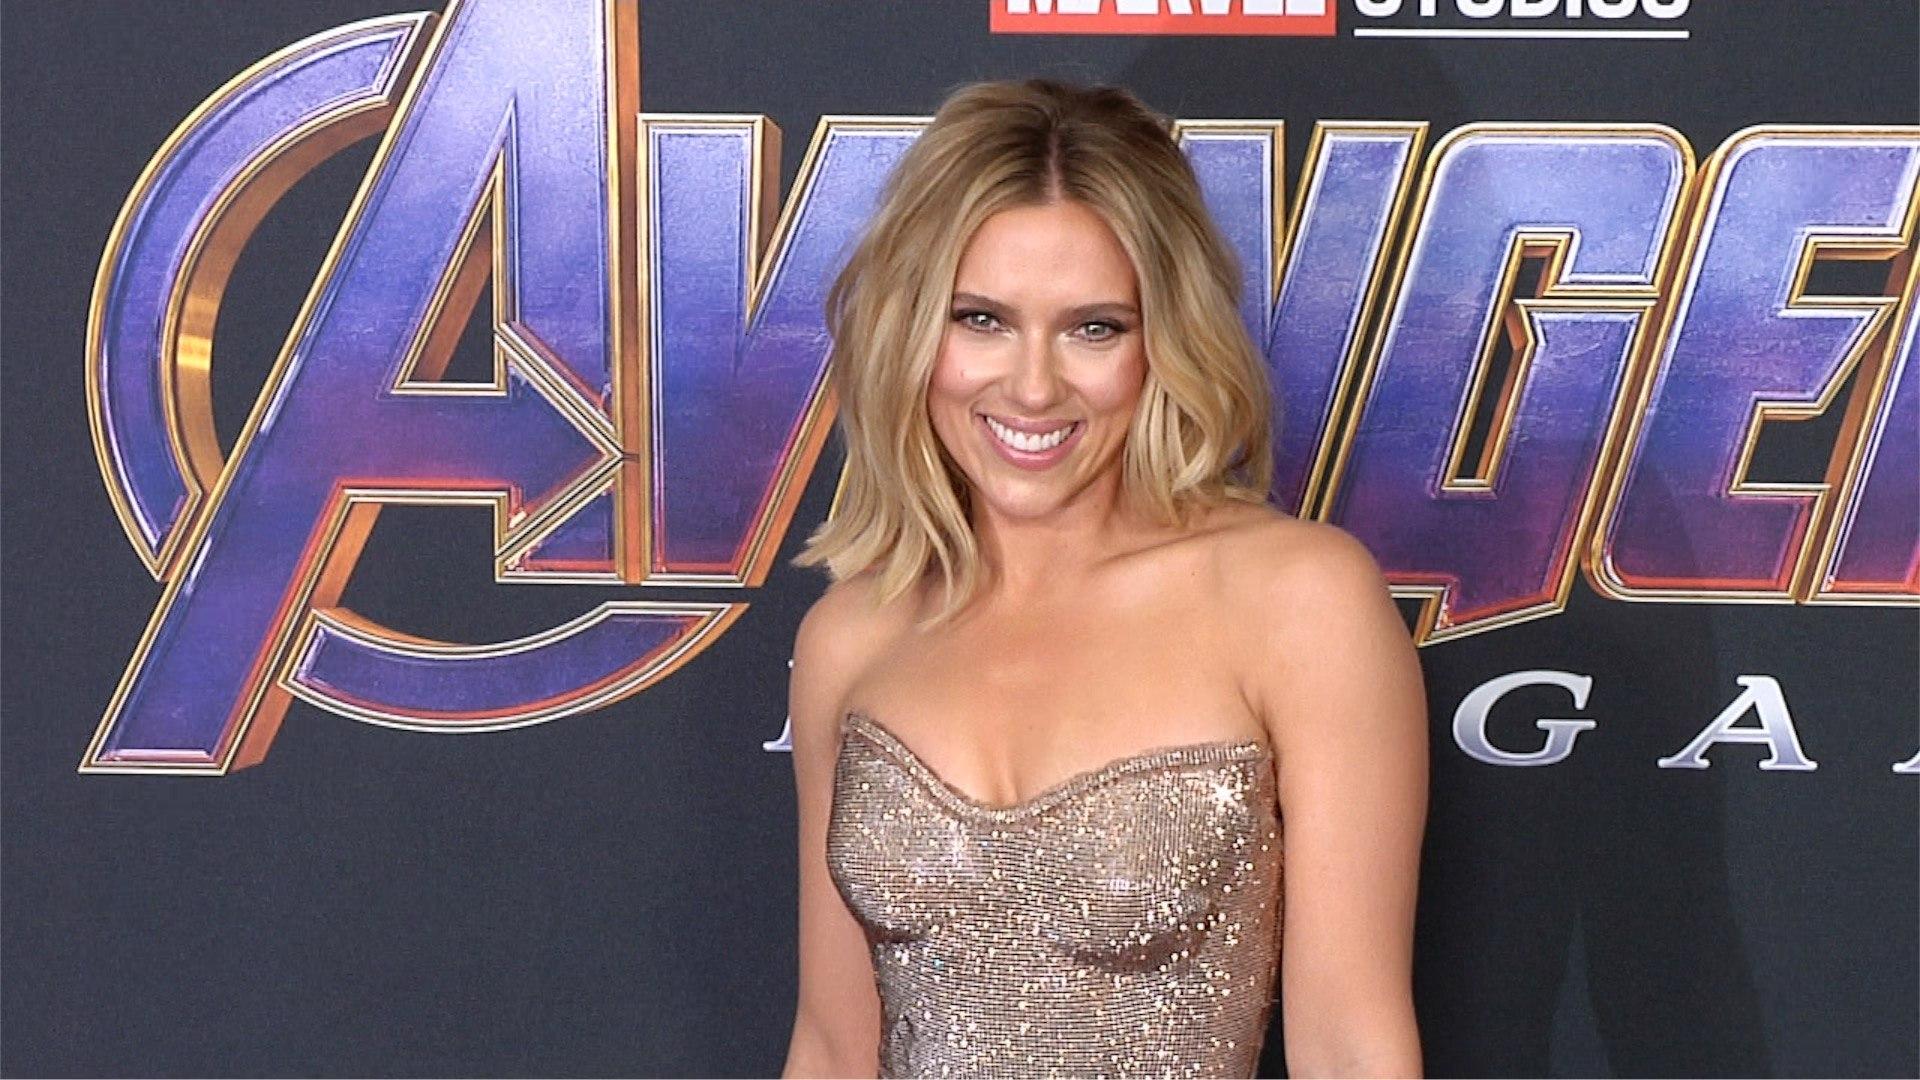 Scarlett Johansson Avengers Endgame World Premiere Purple Carpet Video Dailymotion